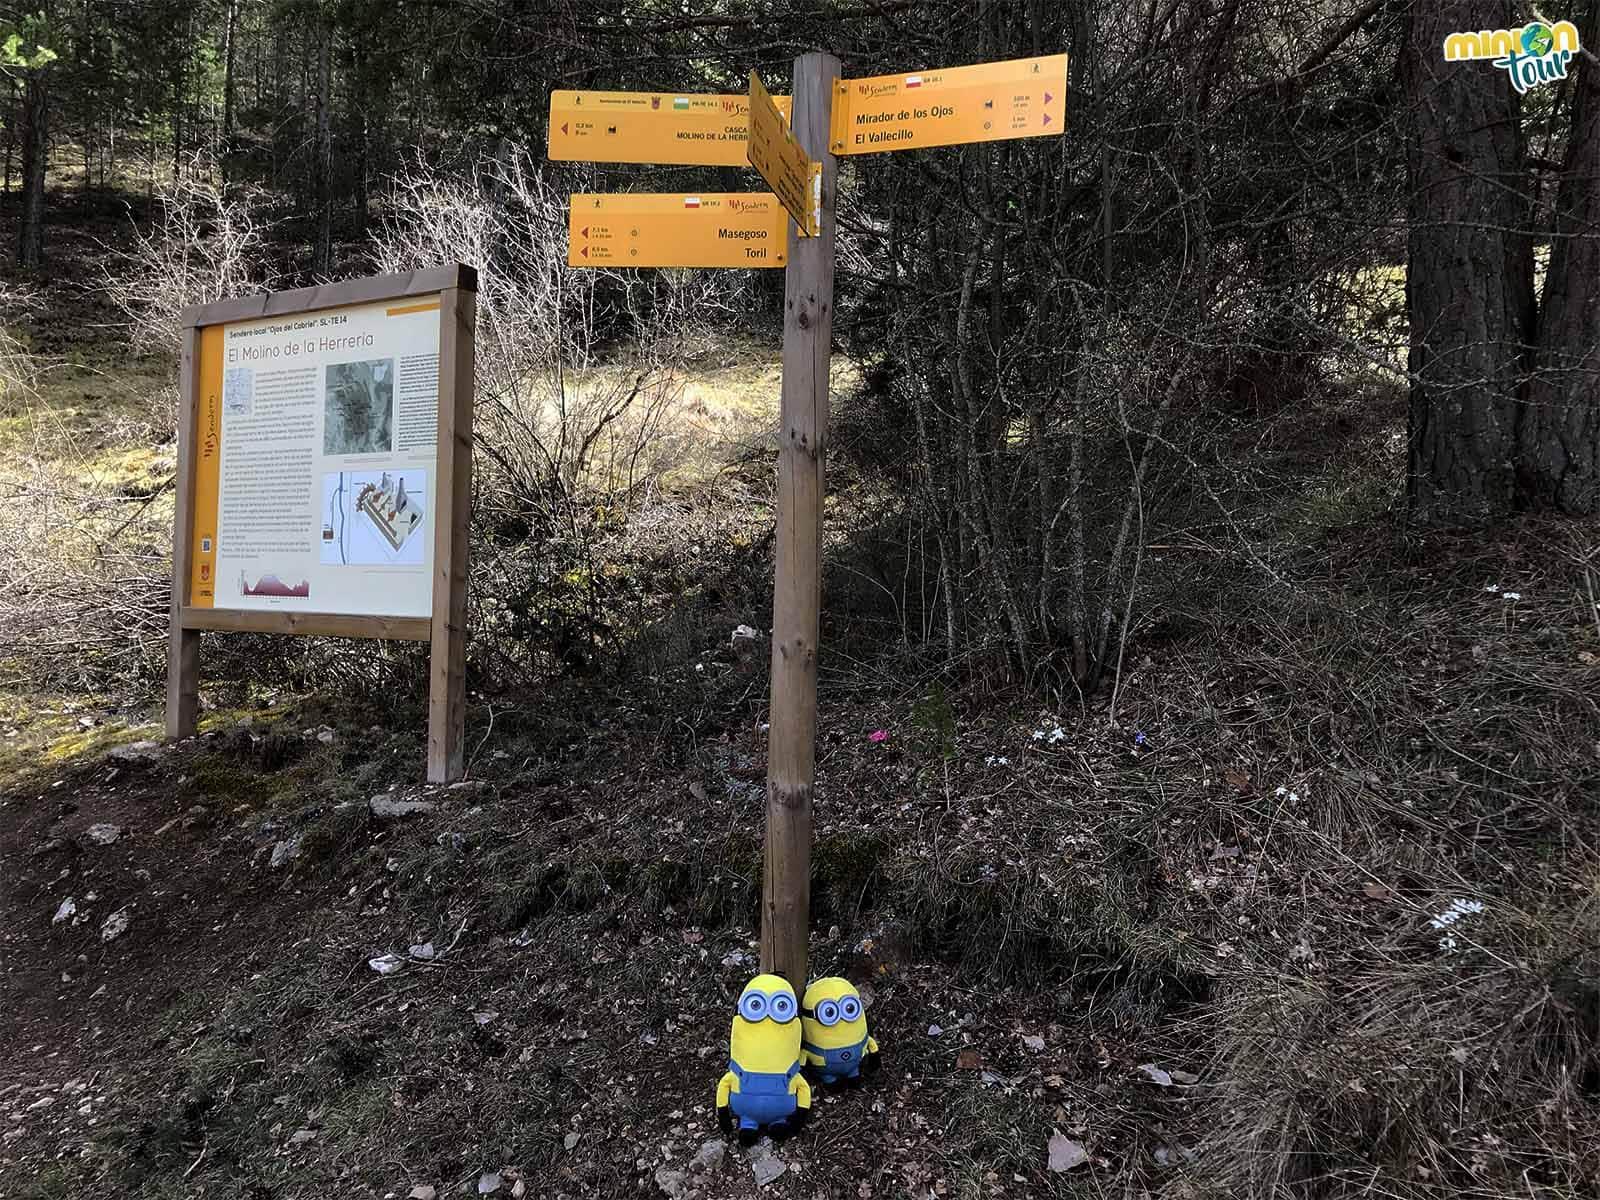 2 Minions decidiendo el camino a seguir